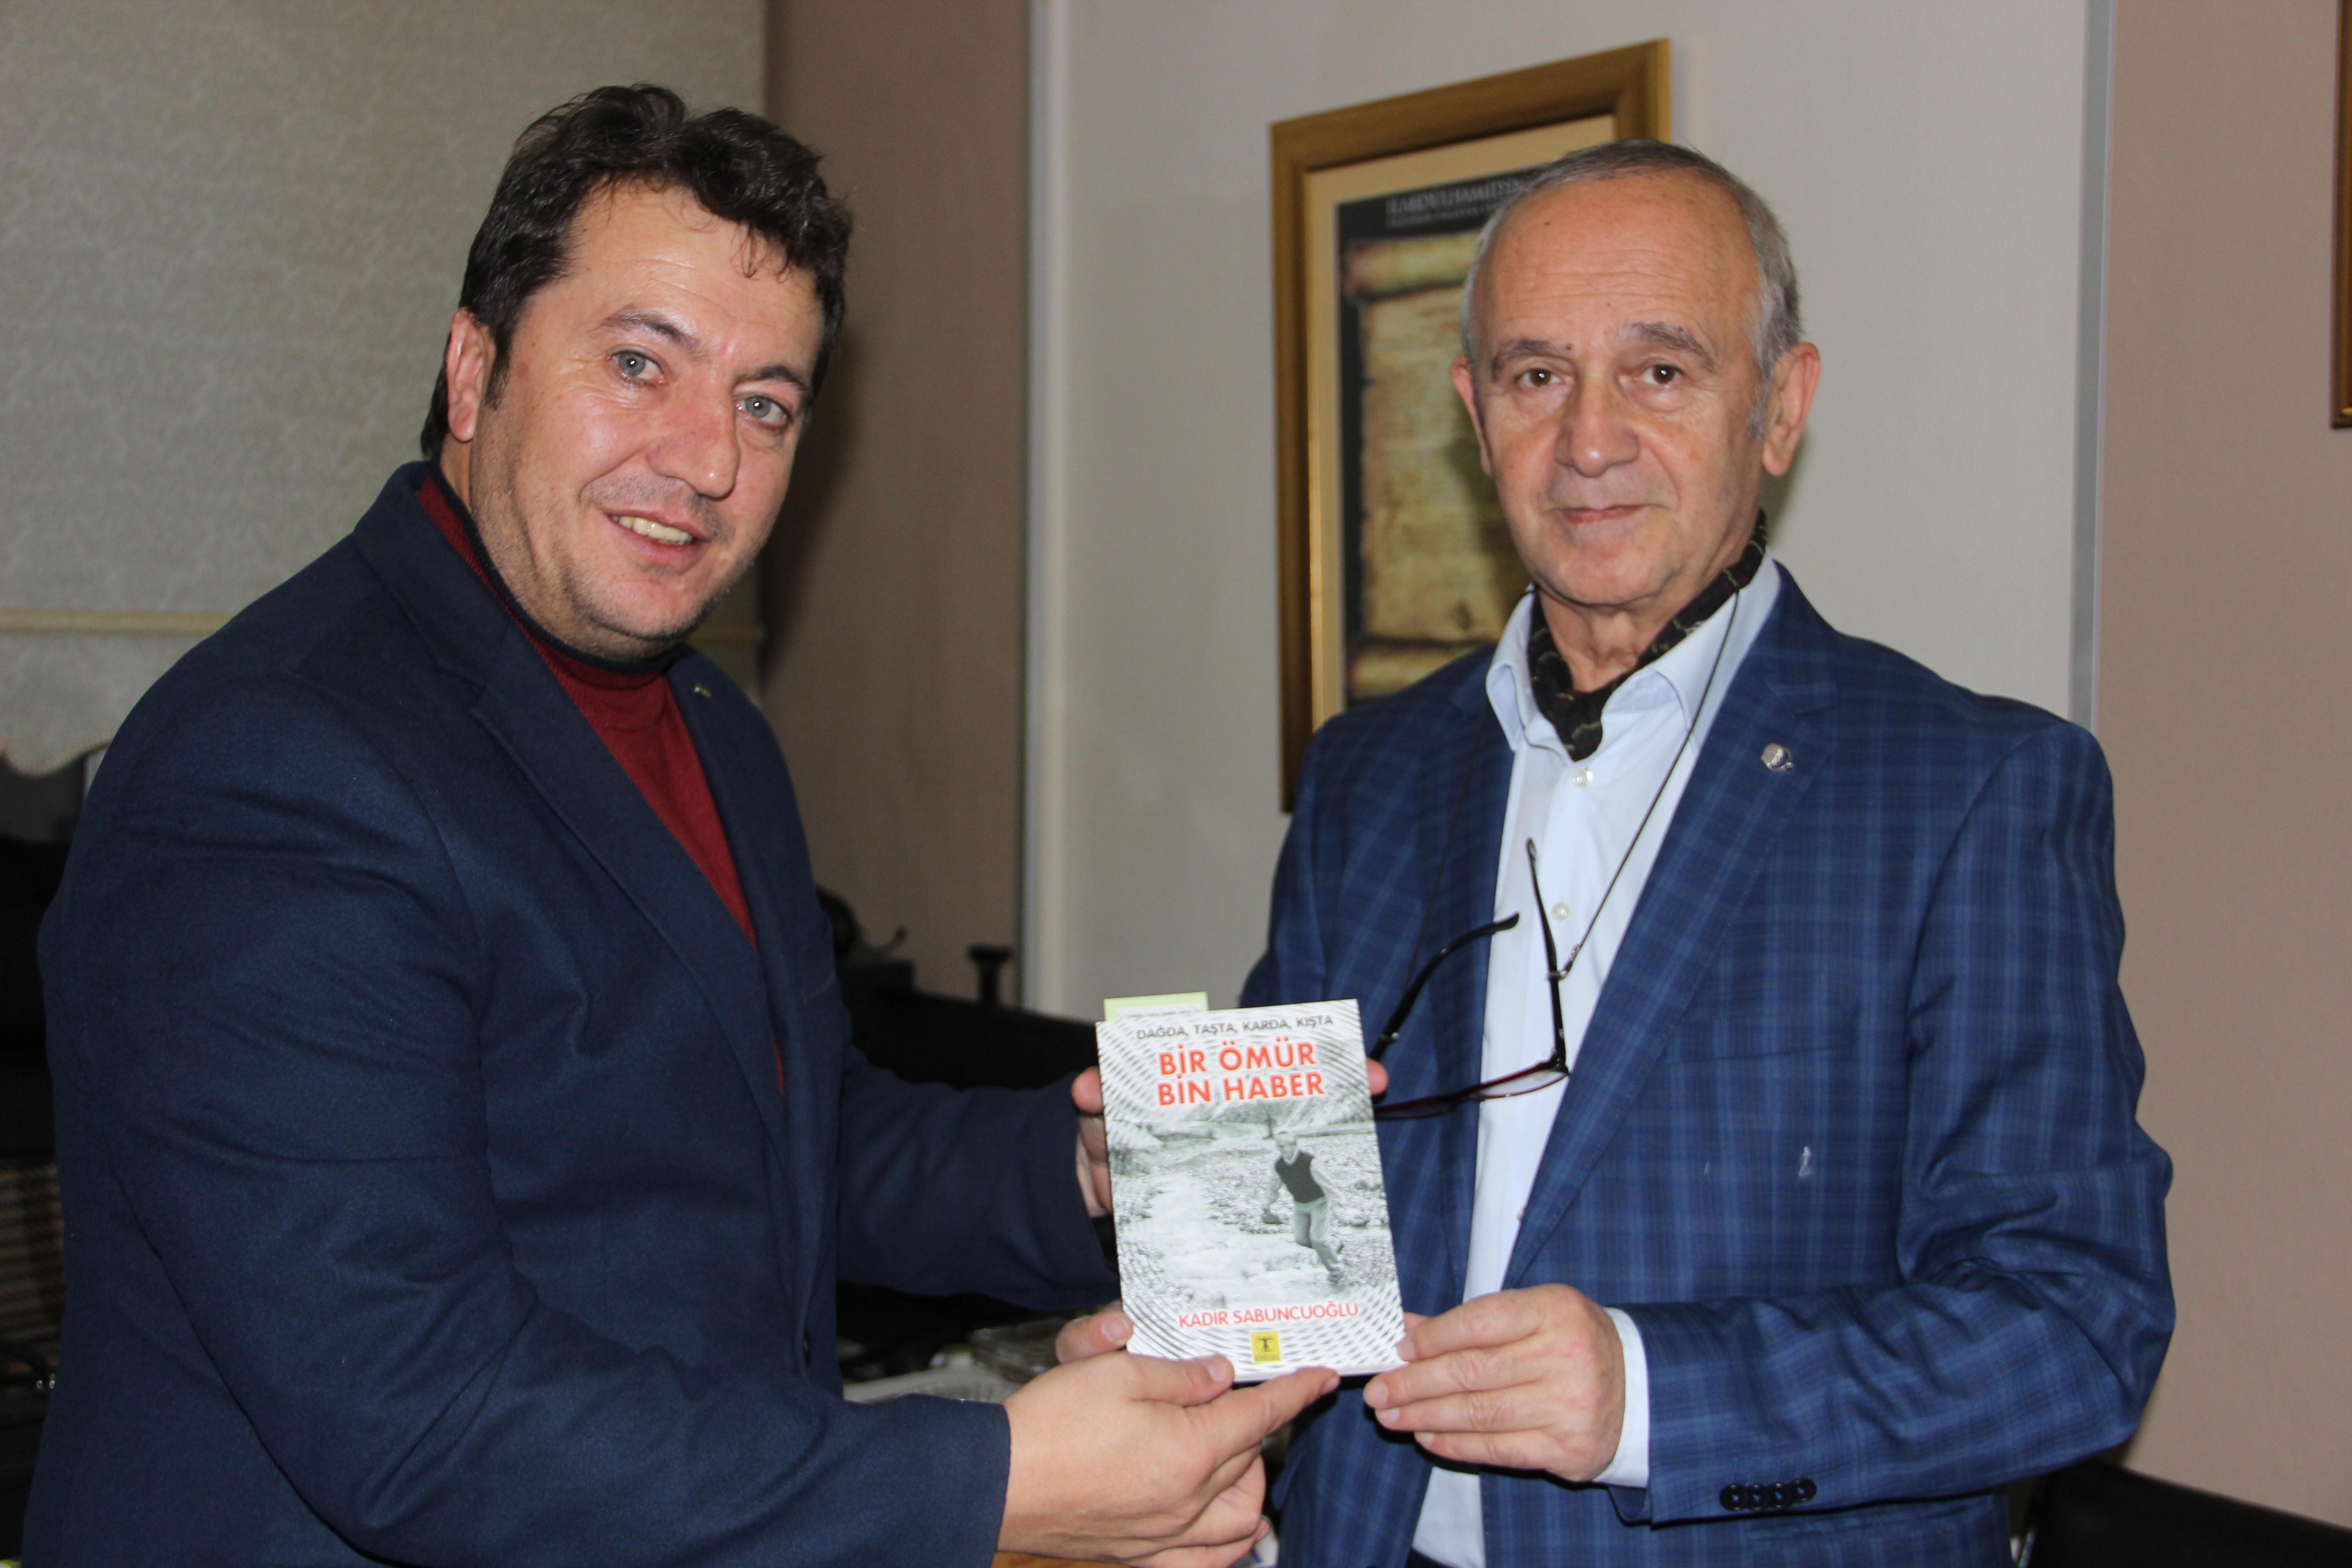 Gazeteci Yazar Kadir Sabuncuoğlu'ndan 'Bir Ömür, Bin Haber'